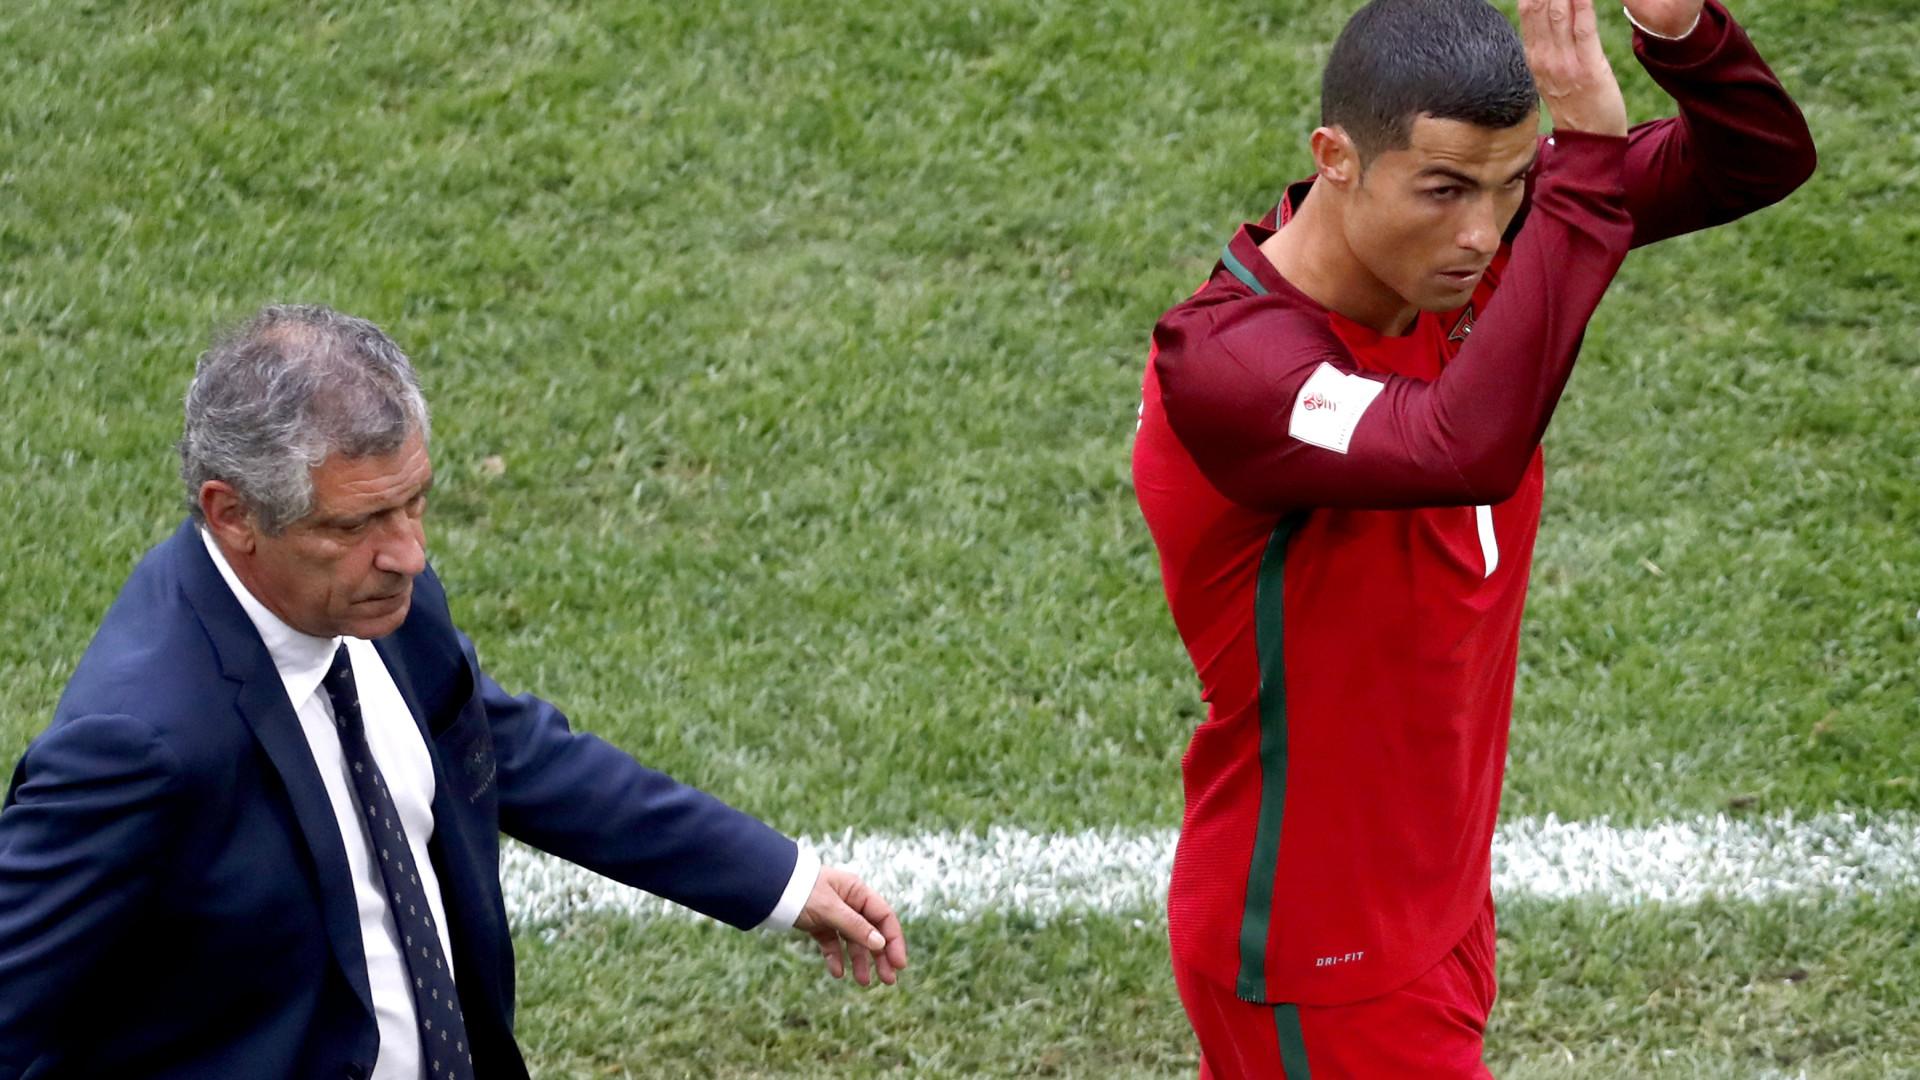 Fernando Santos destaca contributo de Ronaldo na seleção